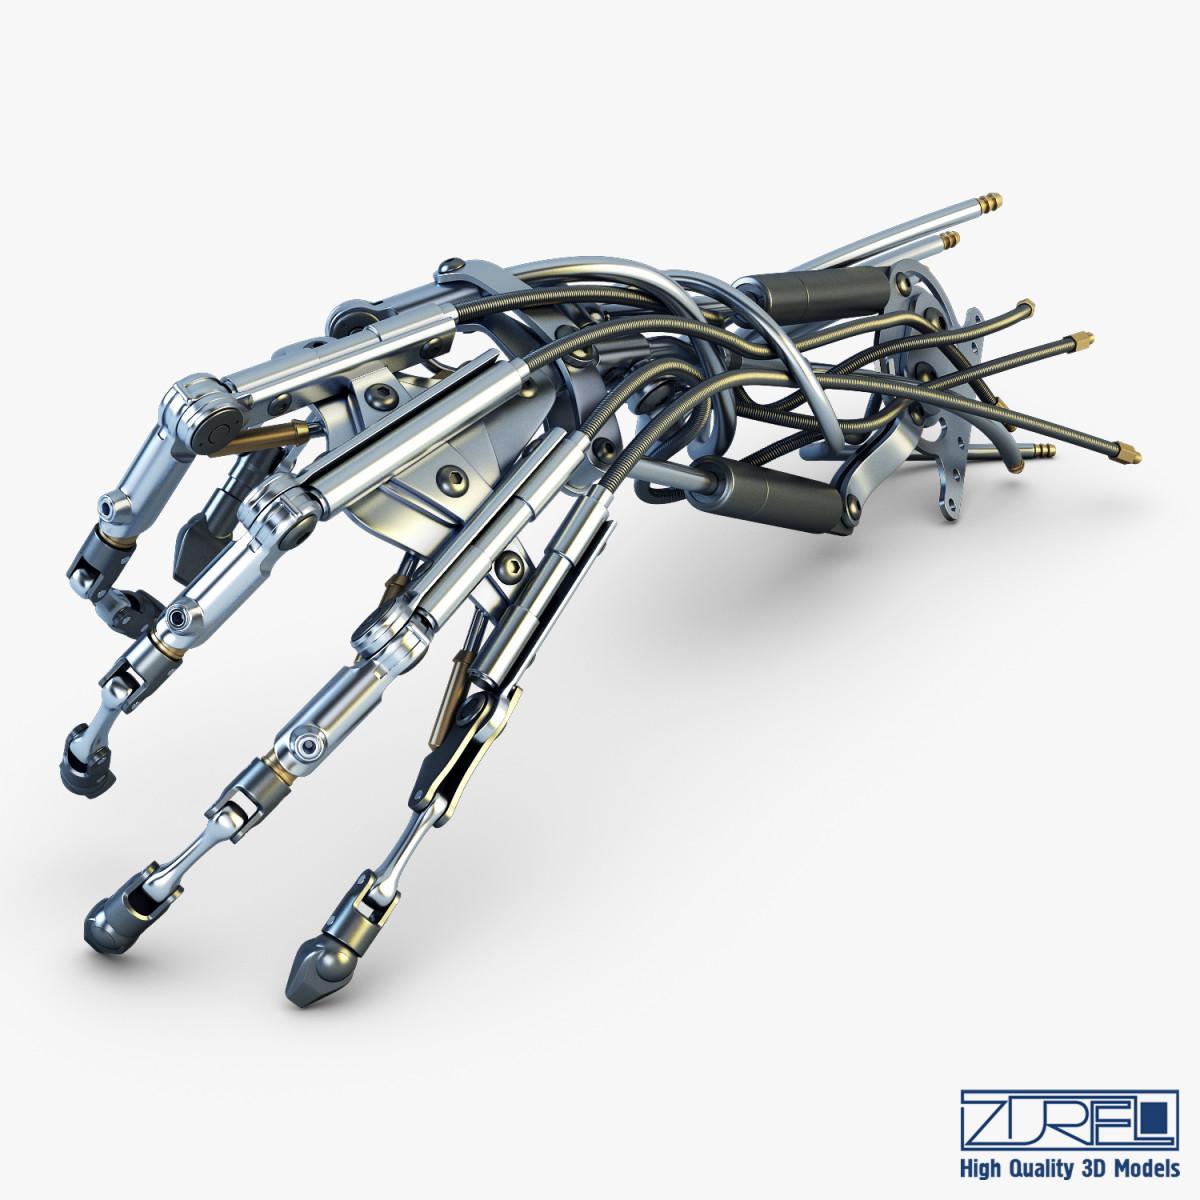 Robotic_hand_v_2_0000.jpg